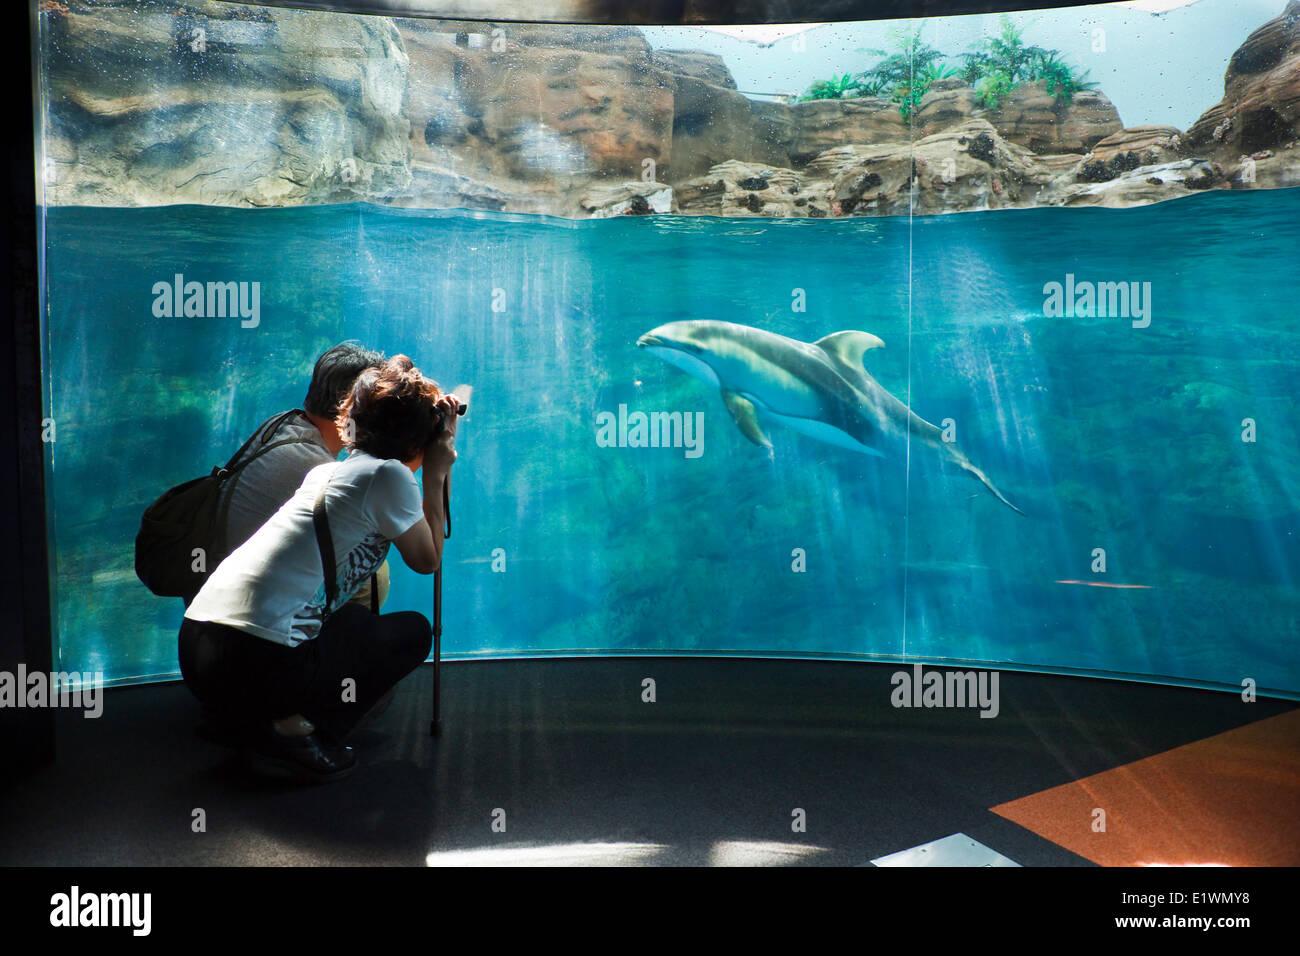 Paio di scattare una foto di un delfino a Osaka Acquario Kaiyukan, Osaka, Giappone Immagini Stock